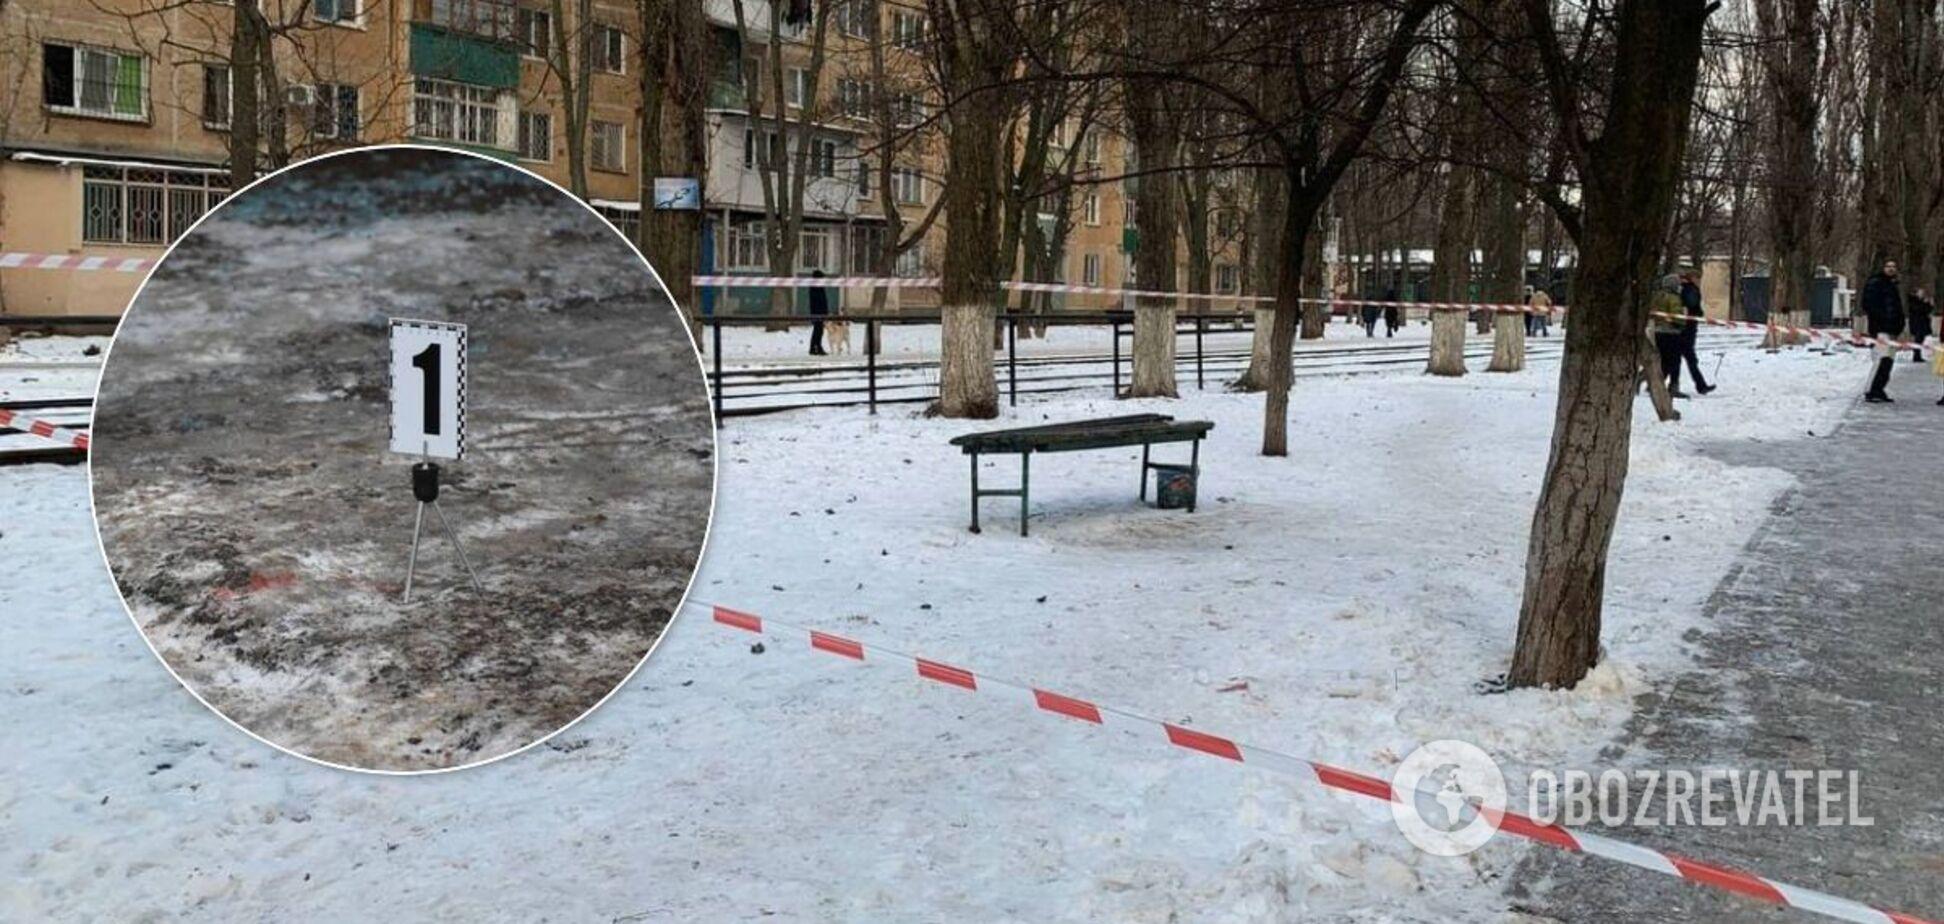 В Одесі затримали чоловіка з відрубаною головою в руці, підозрюють подвійне вбивство